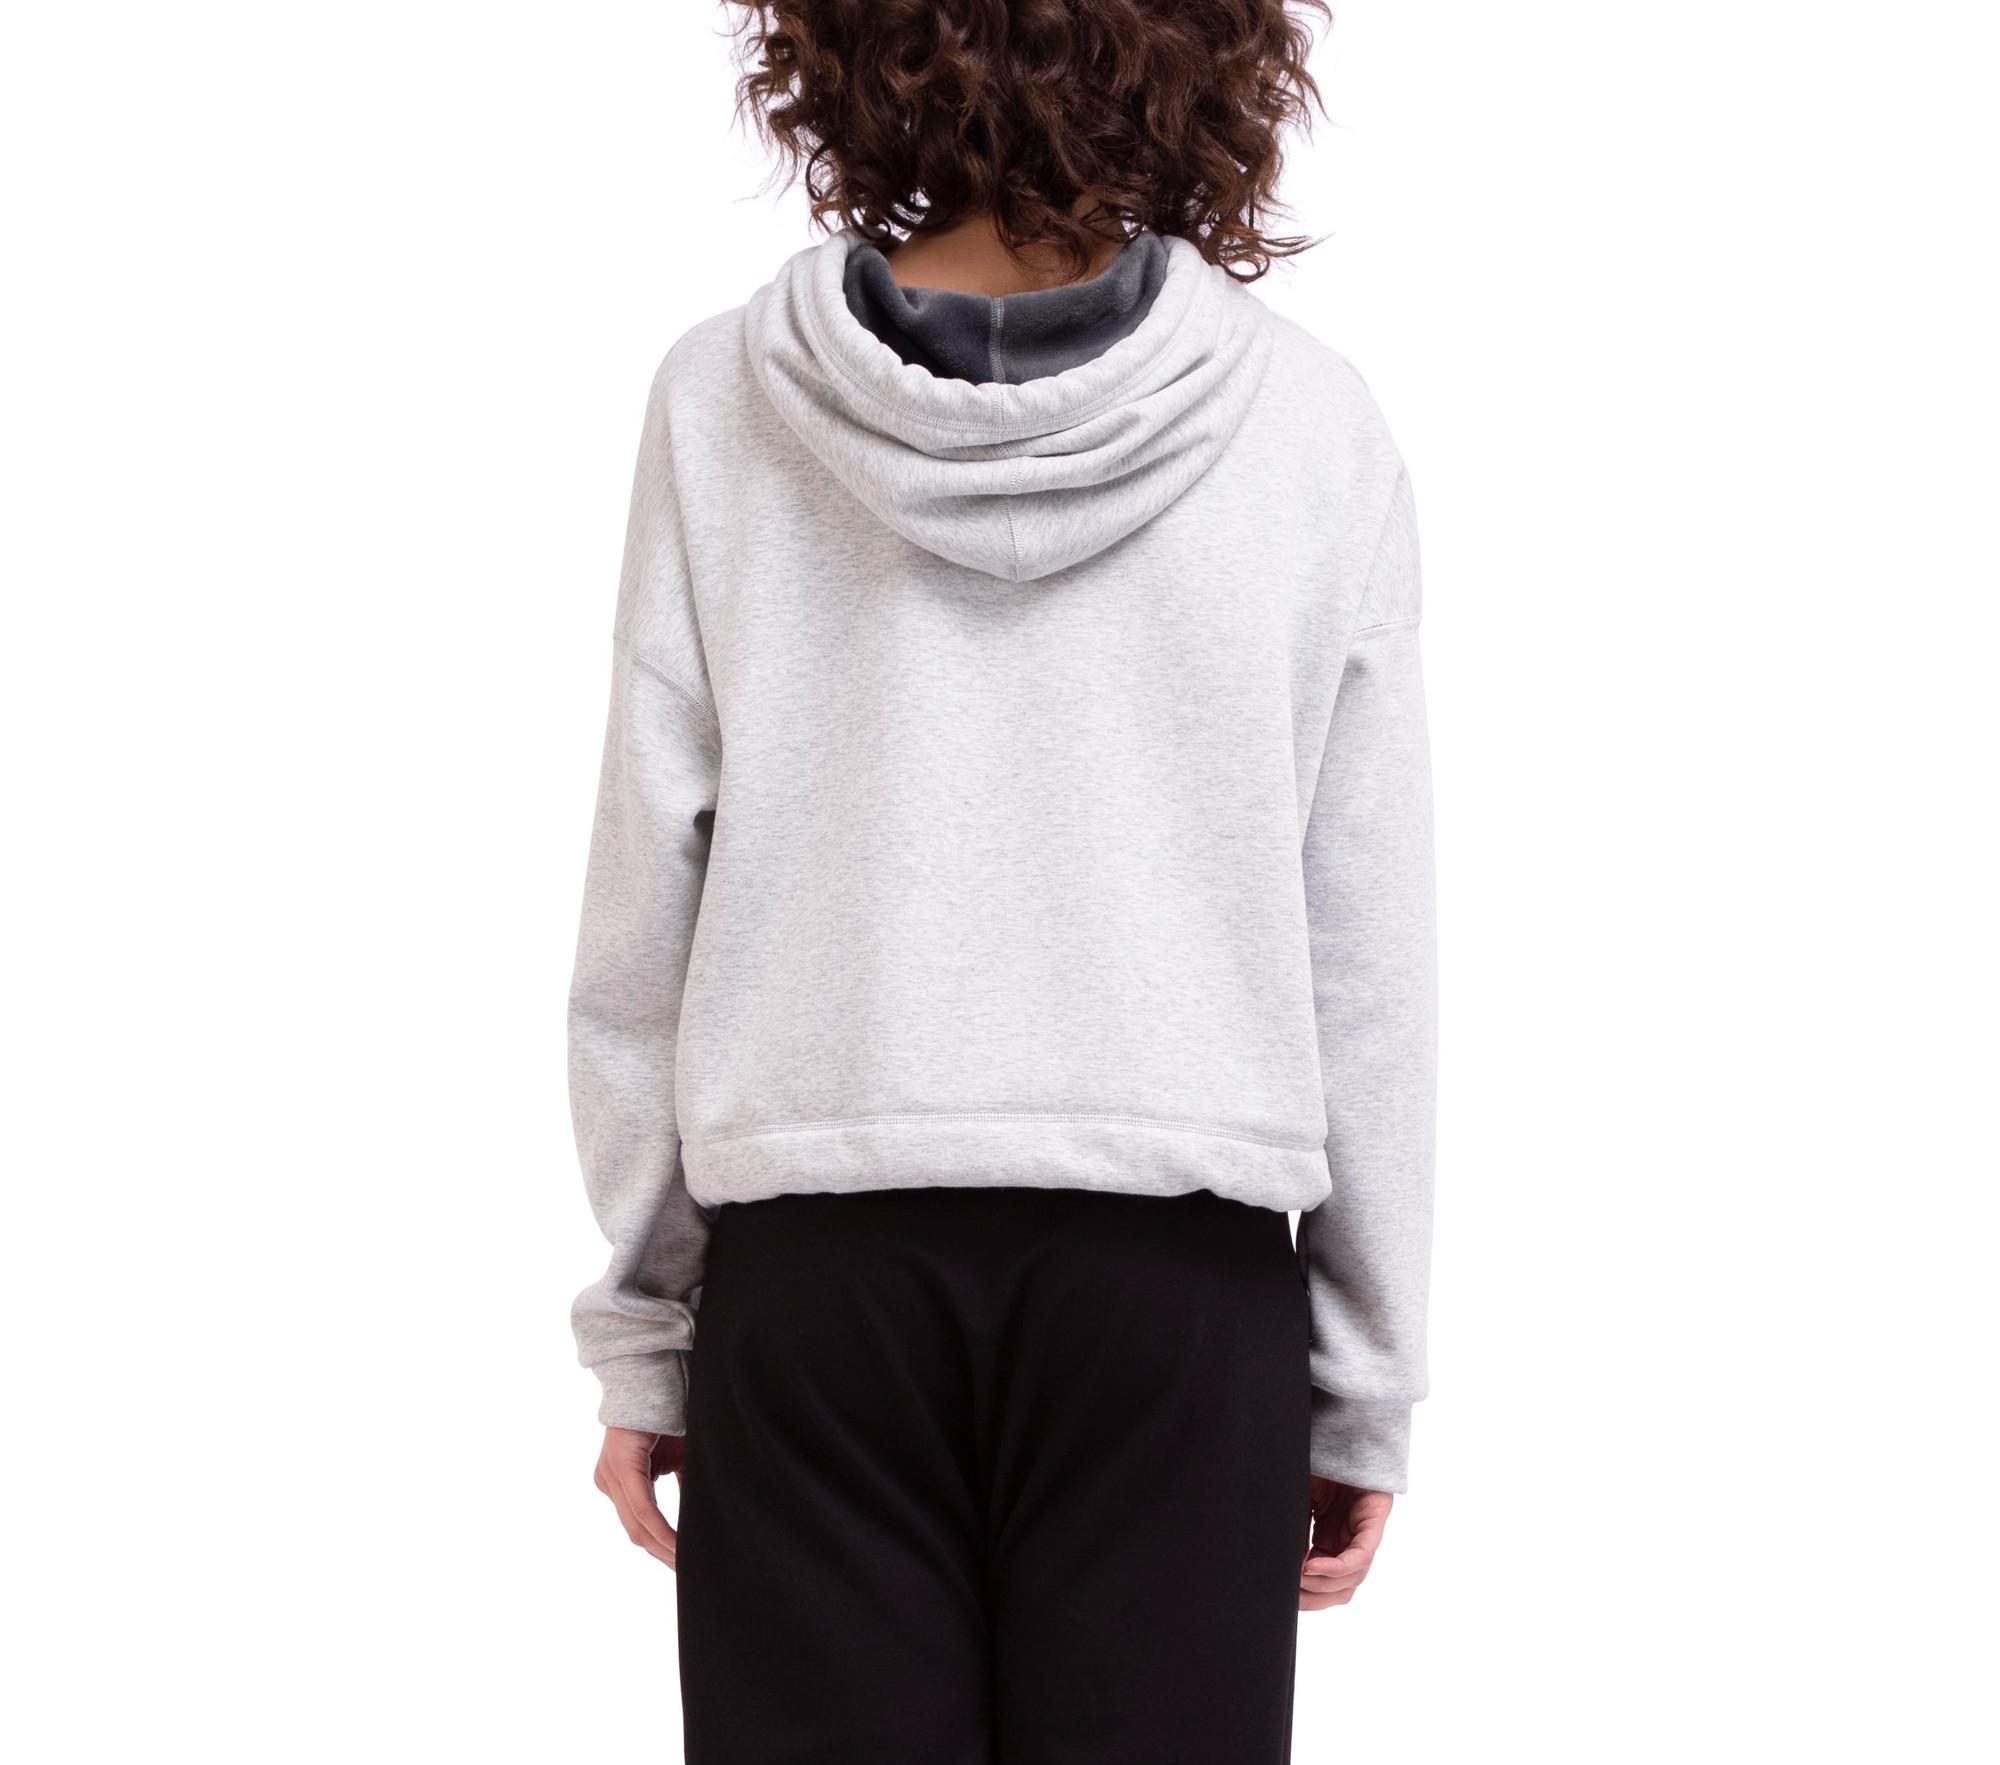 Wende-Sweatshirt aus weichem Molton innen